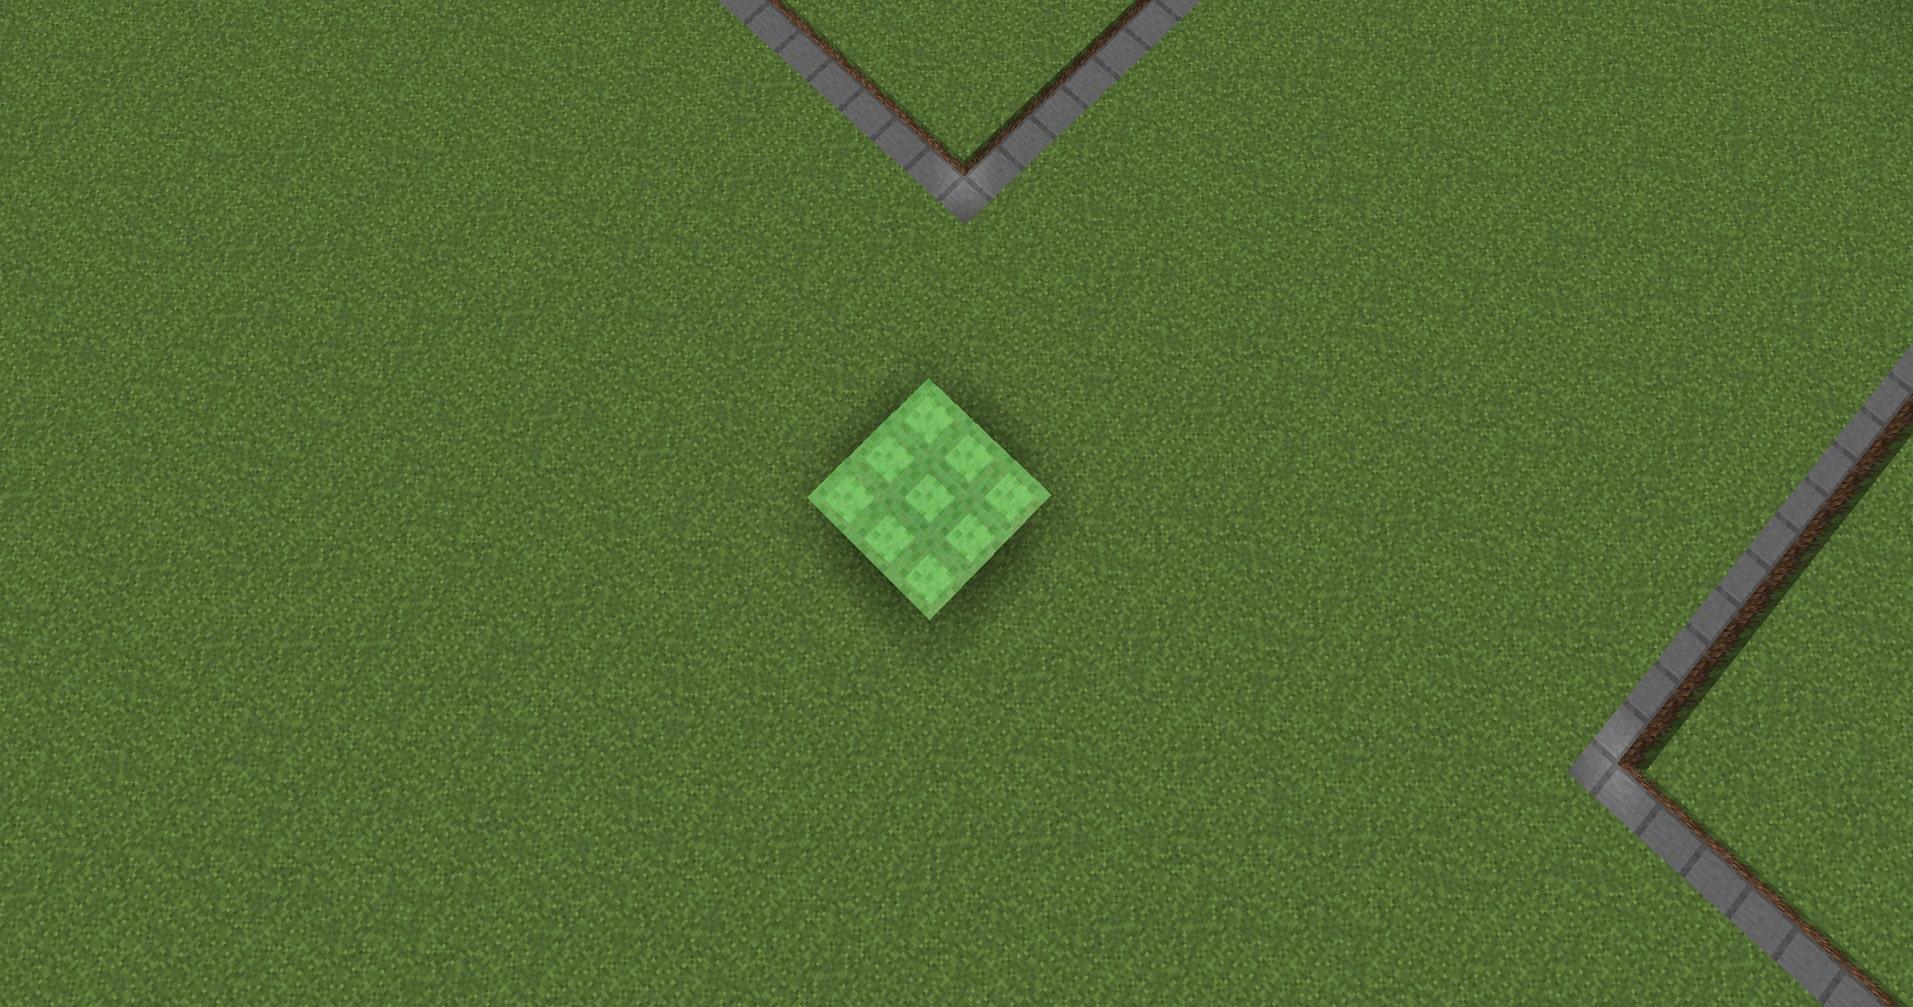 マインクラフト攻略 スライムブロックの使い方